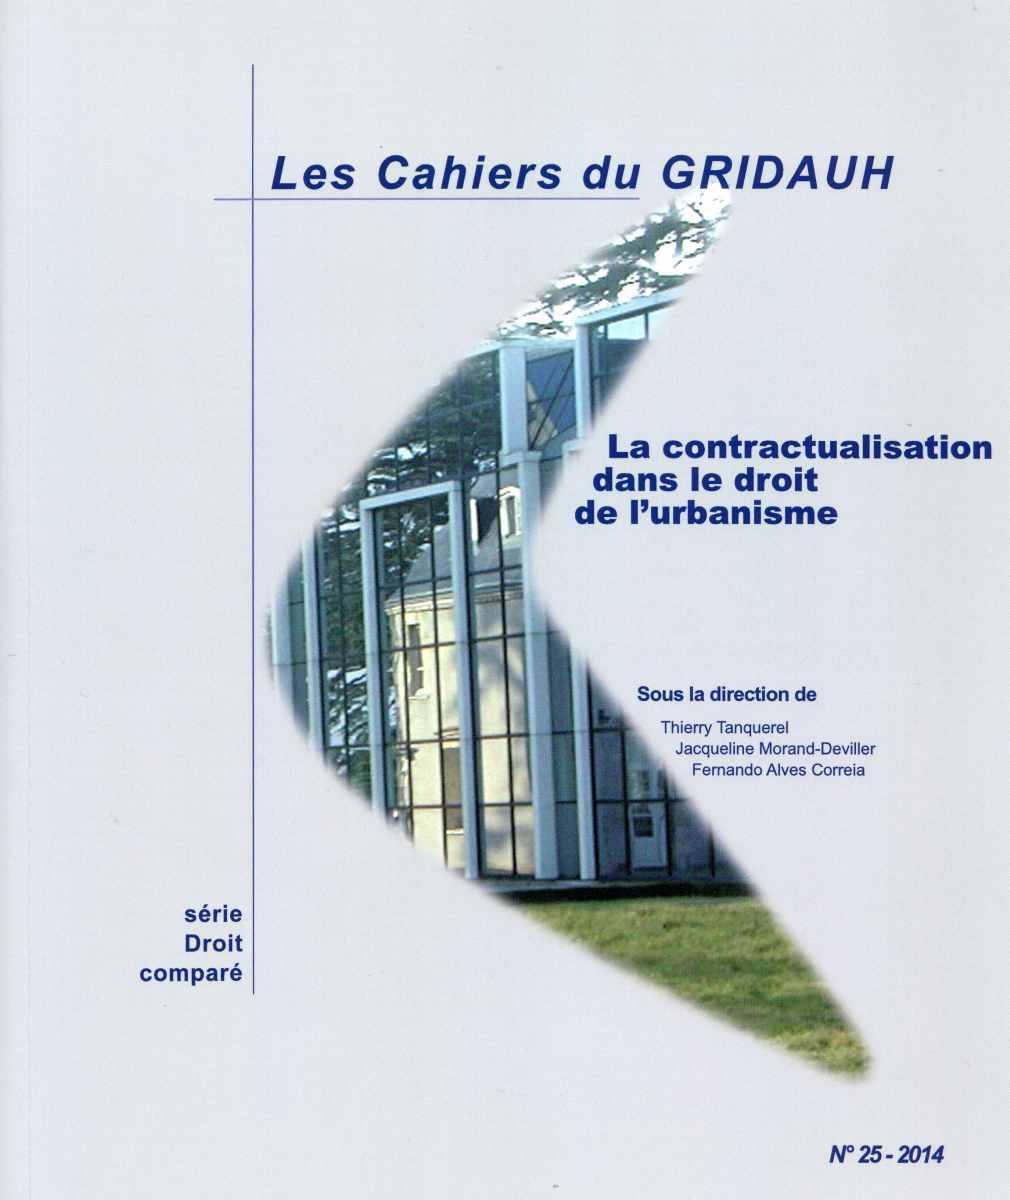 CONTRACTUALISATION DANS LE DROIT DE L'URBANISME - LES CAHIERS DU GRIDAUH N 25 (L